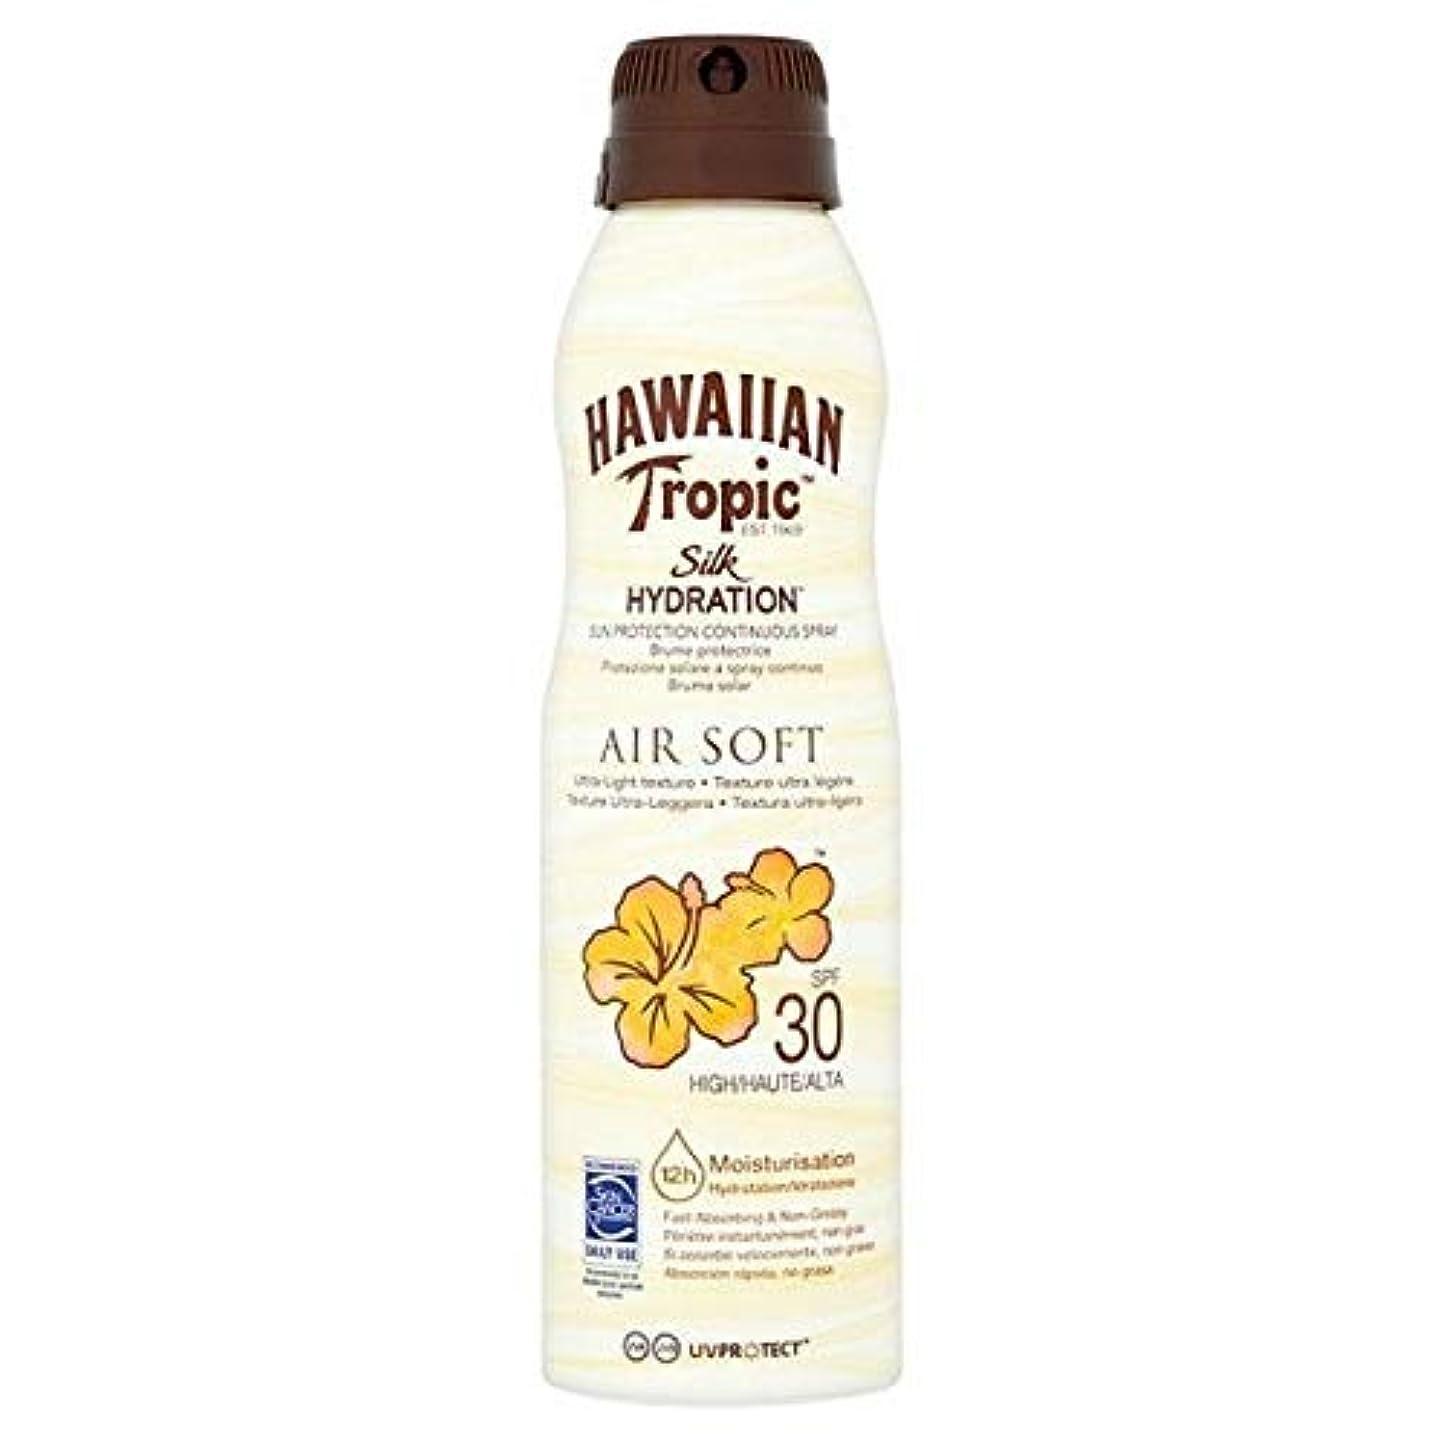 疑わしい便利さハーネス[Hawaiian Tropic ] H /向性絹水和エアガン連続スプレーSpf30の177ミリリットル - H/Tropic Silk Hydration Airsoft Continuous Spray SPF30...